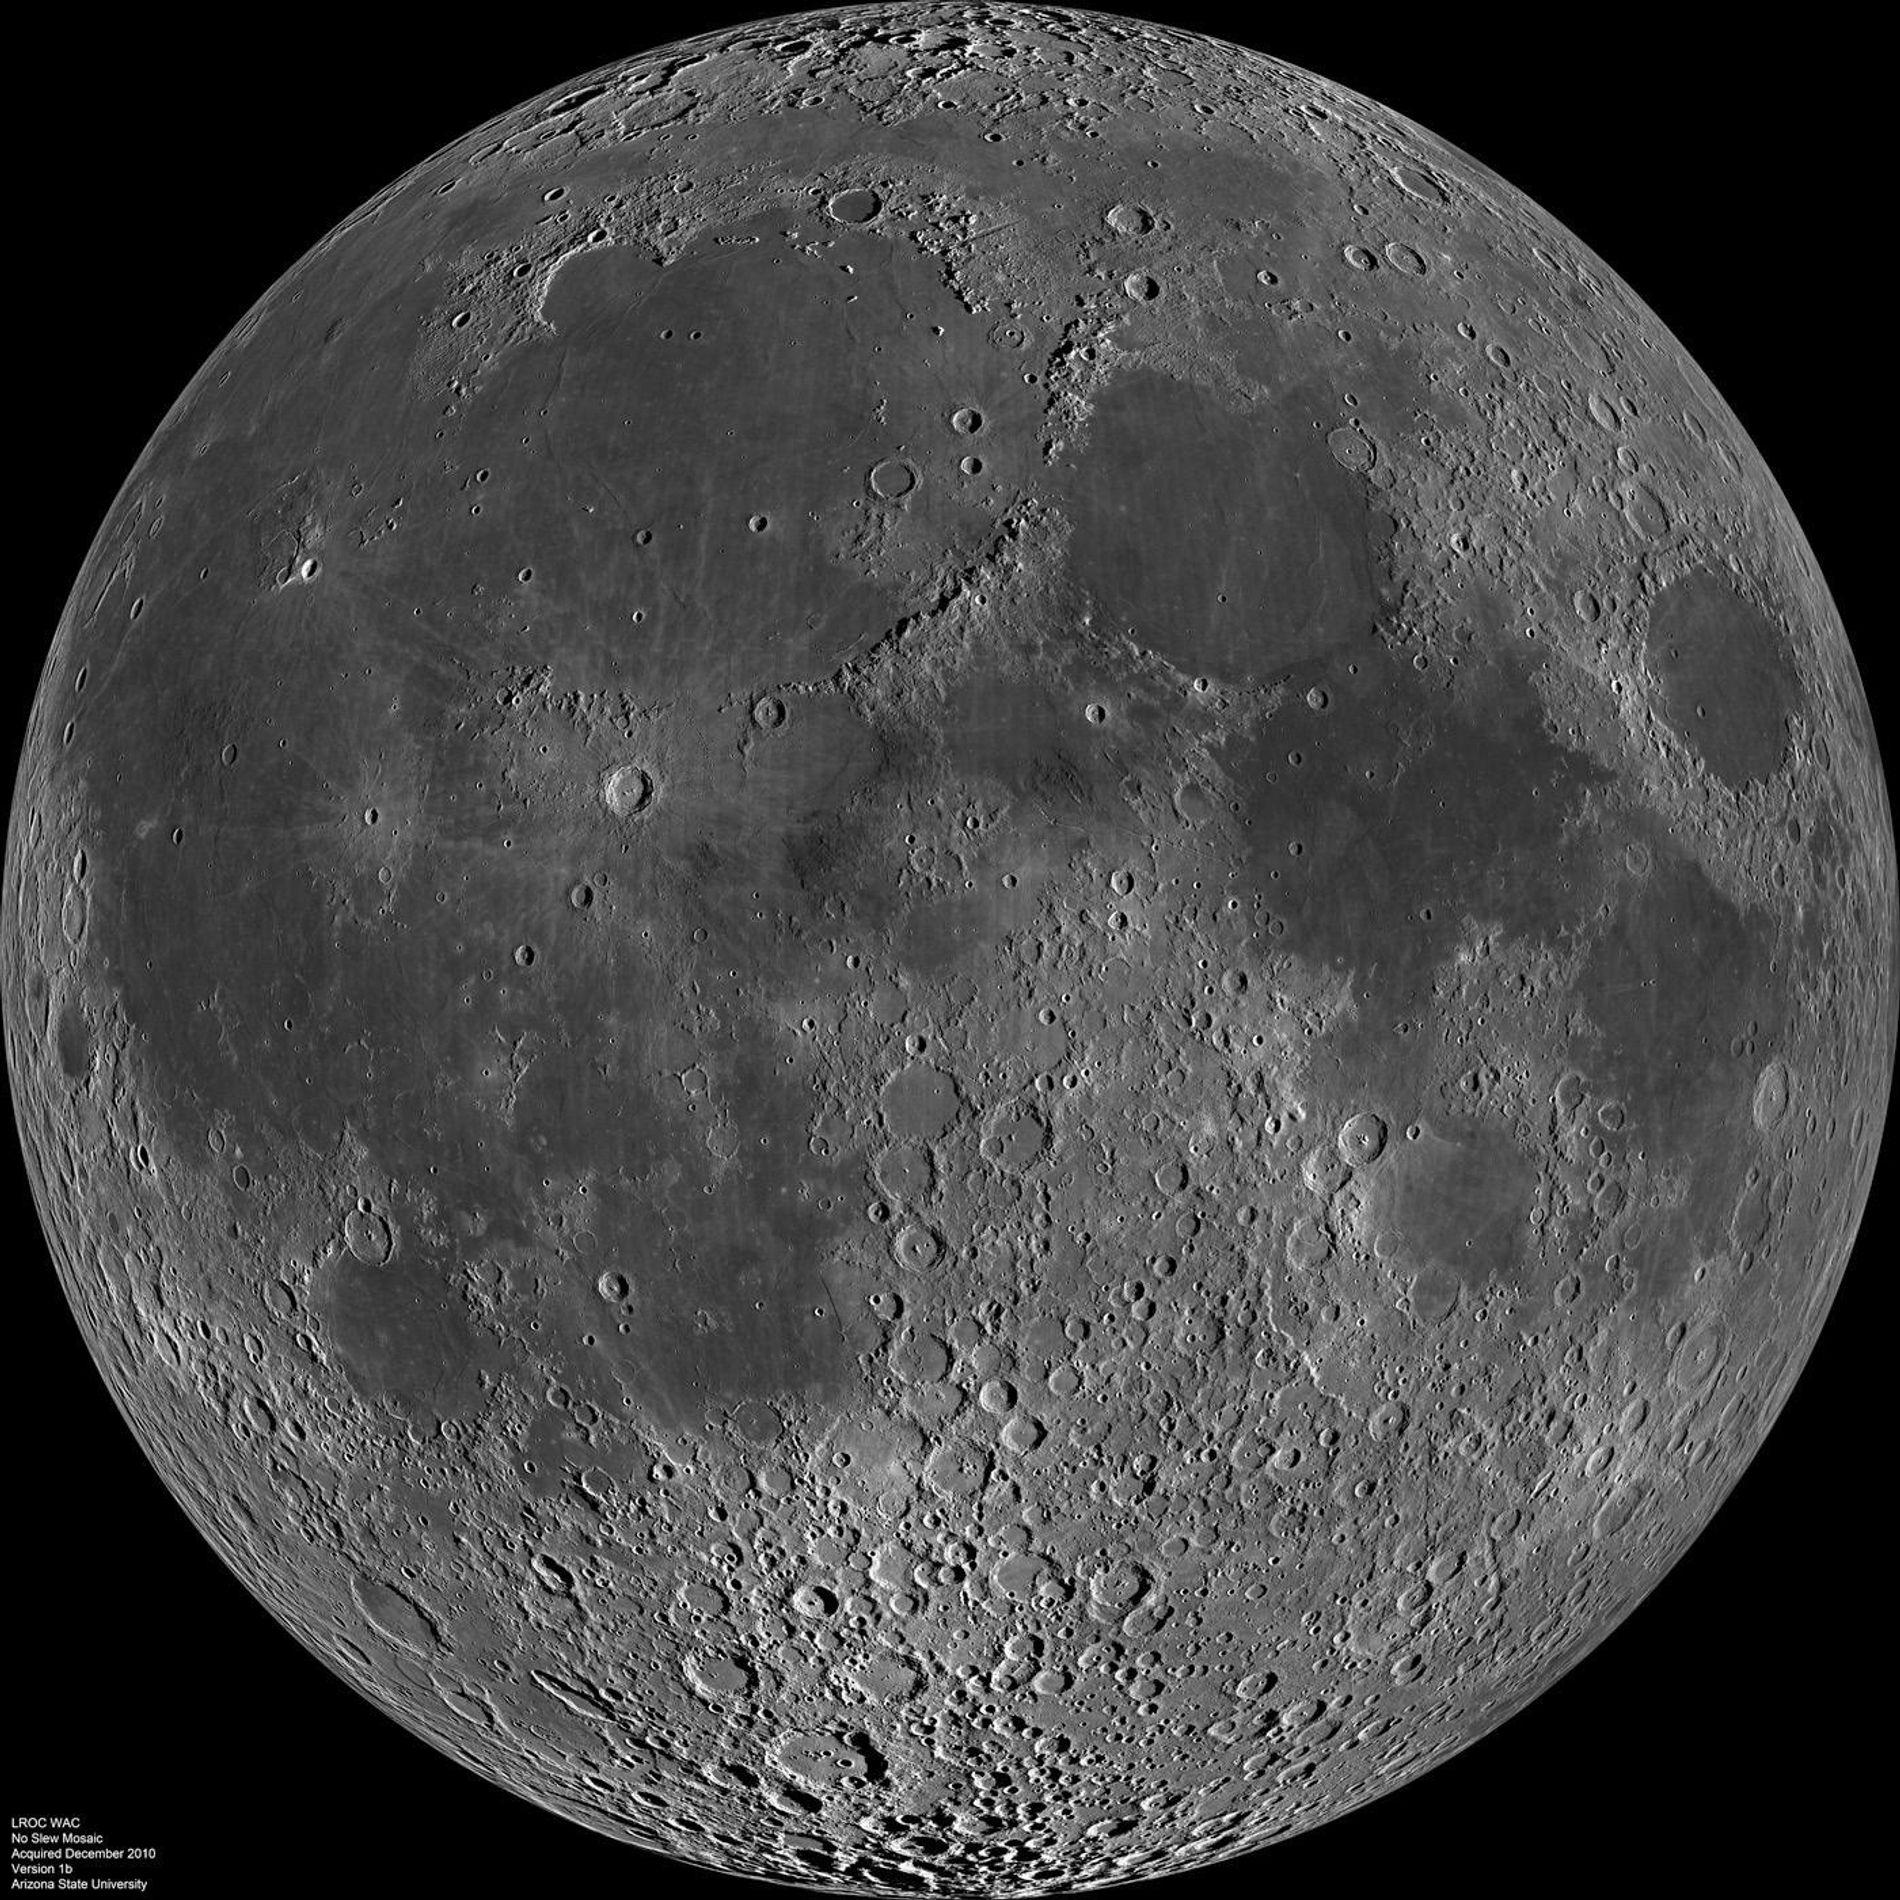 Selon les données récoltées par les instruments installés sur la Lune lors du programme Apollo, notre petit satellite gris pourrait être plus actif que nous ne l'avions jamais imaginé.